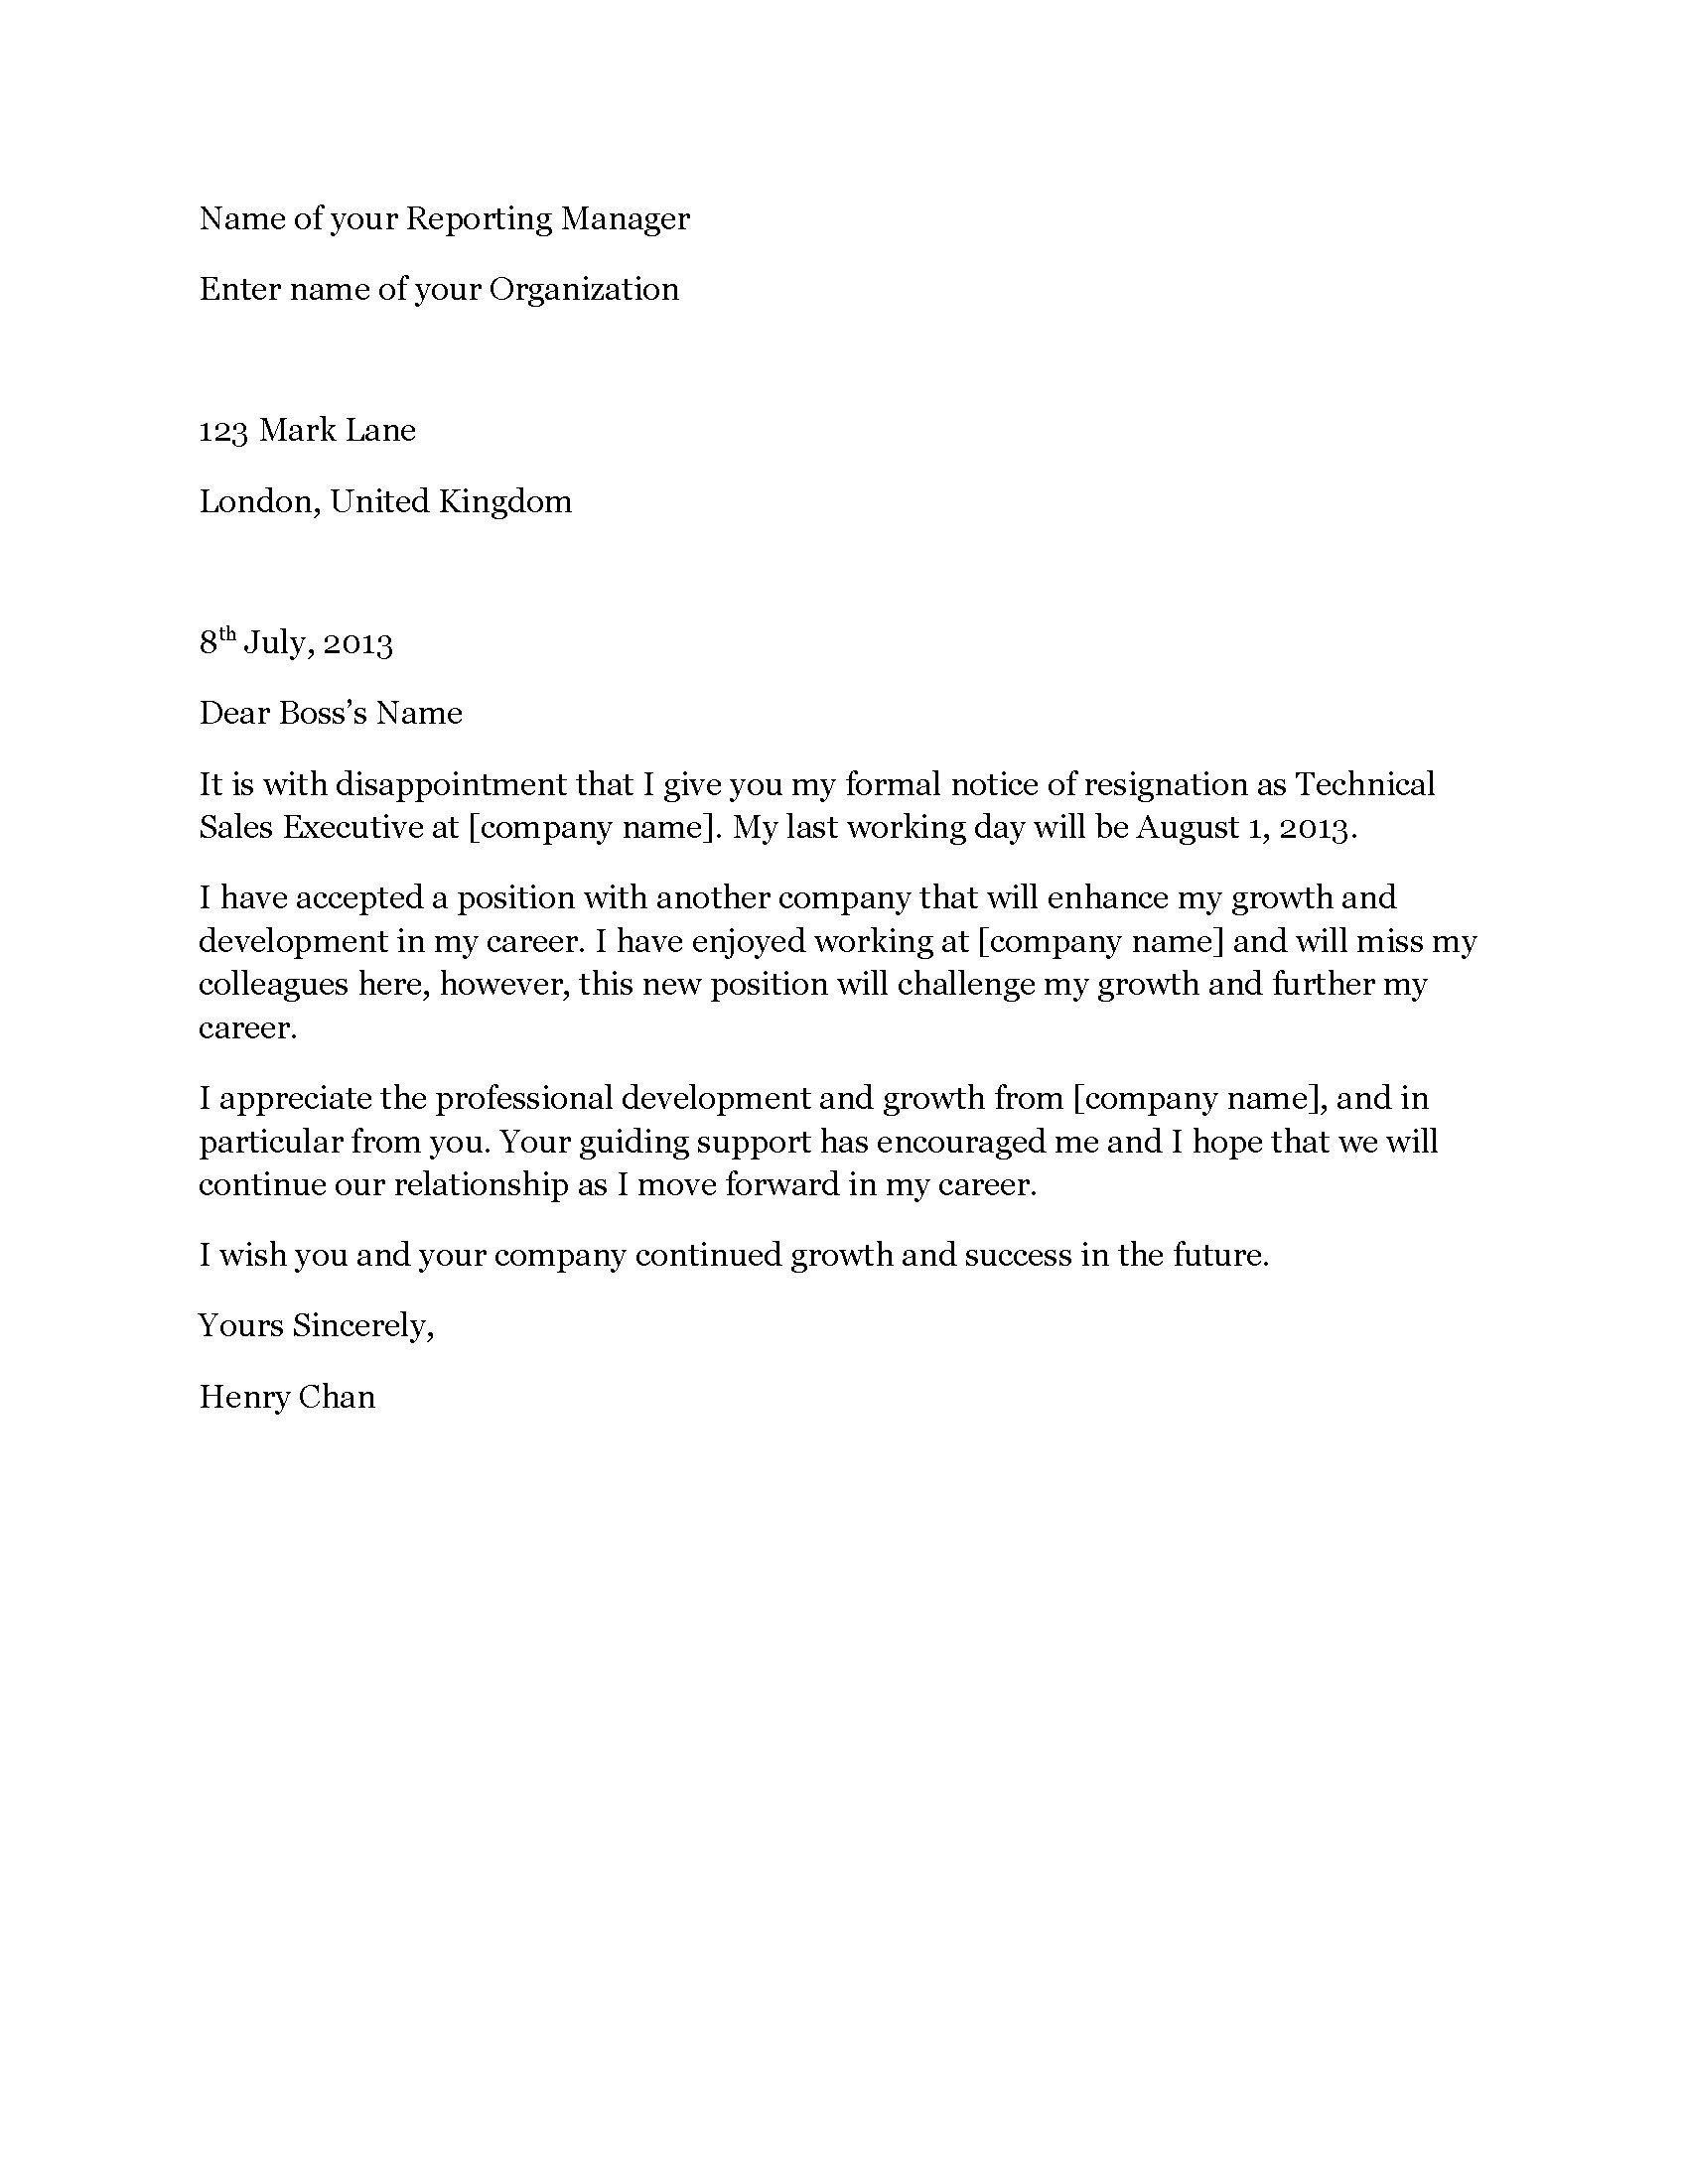 Resignation letter modern resignation letter expocarfo Images